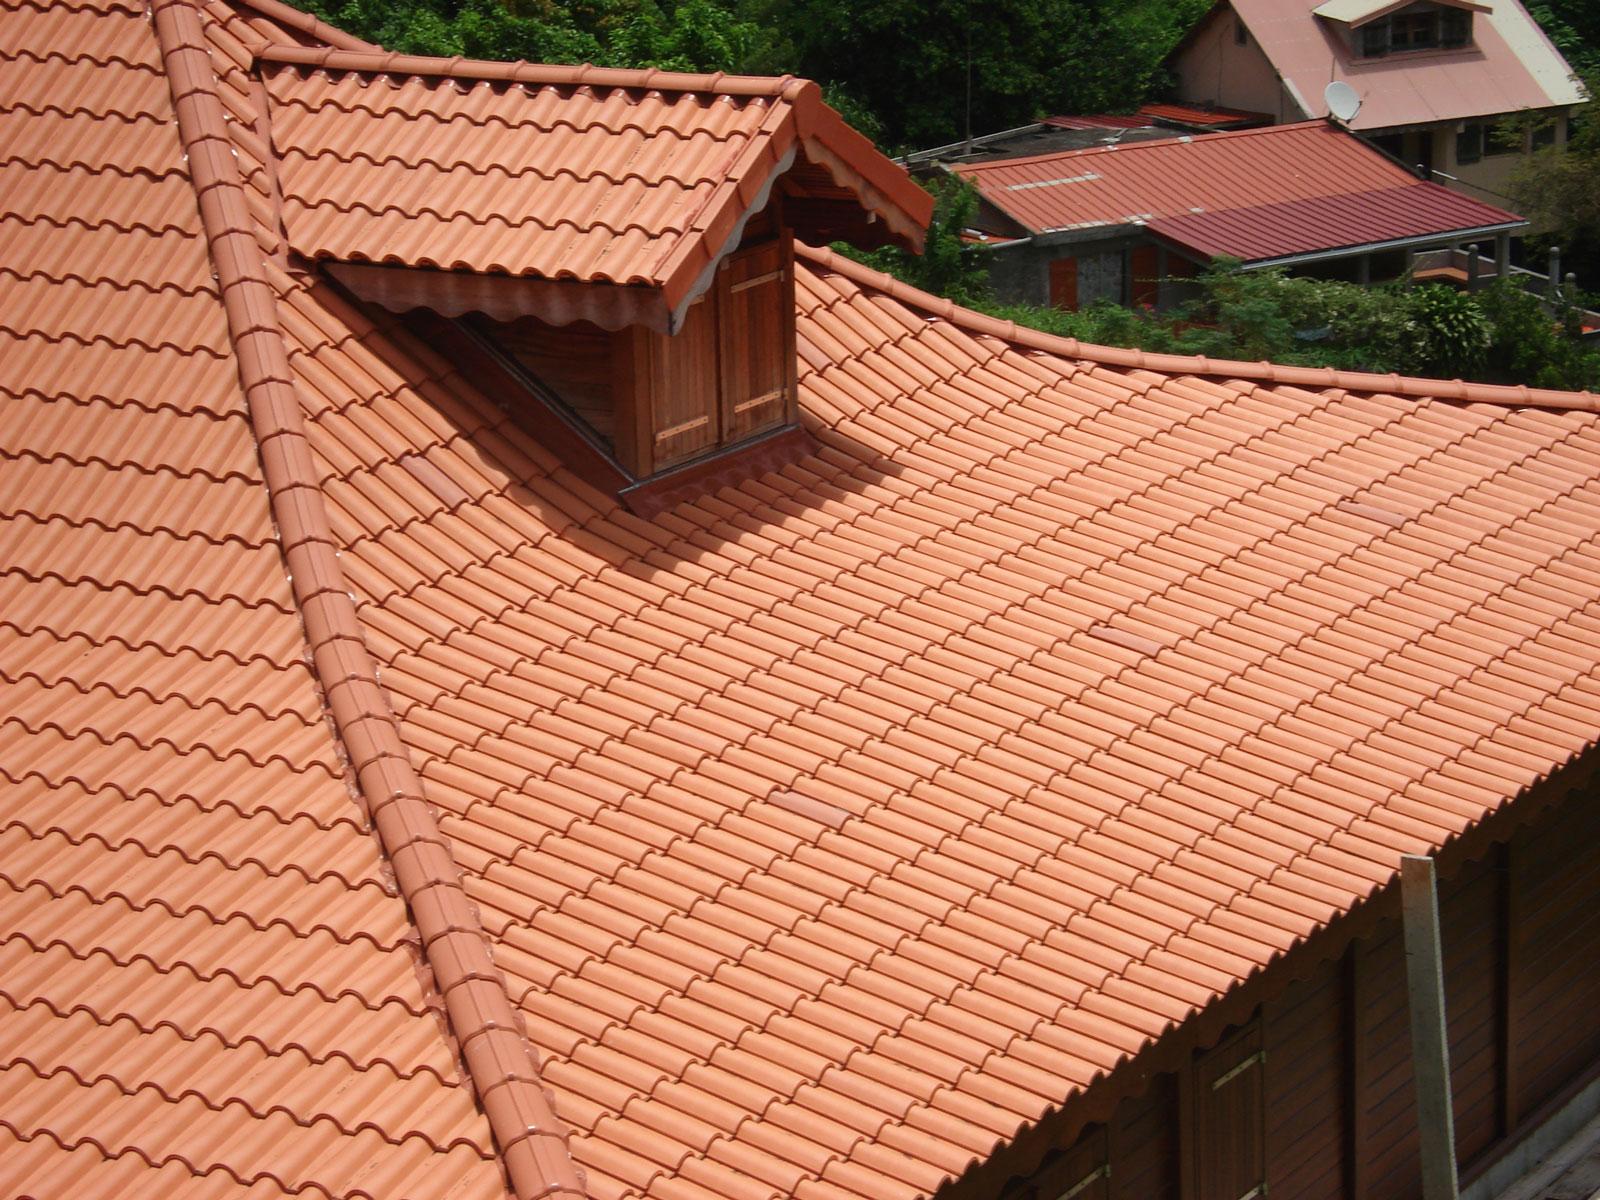 Construir un tejado best desmontar tejado antiguo hacer - Cambiar tejado casa antigua ...